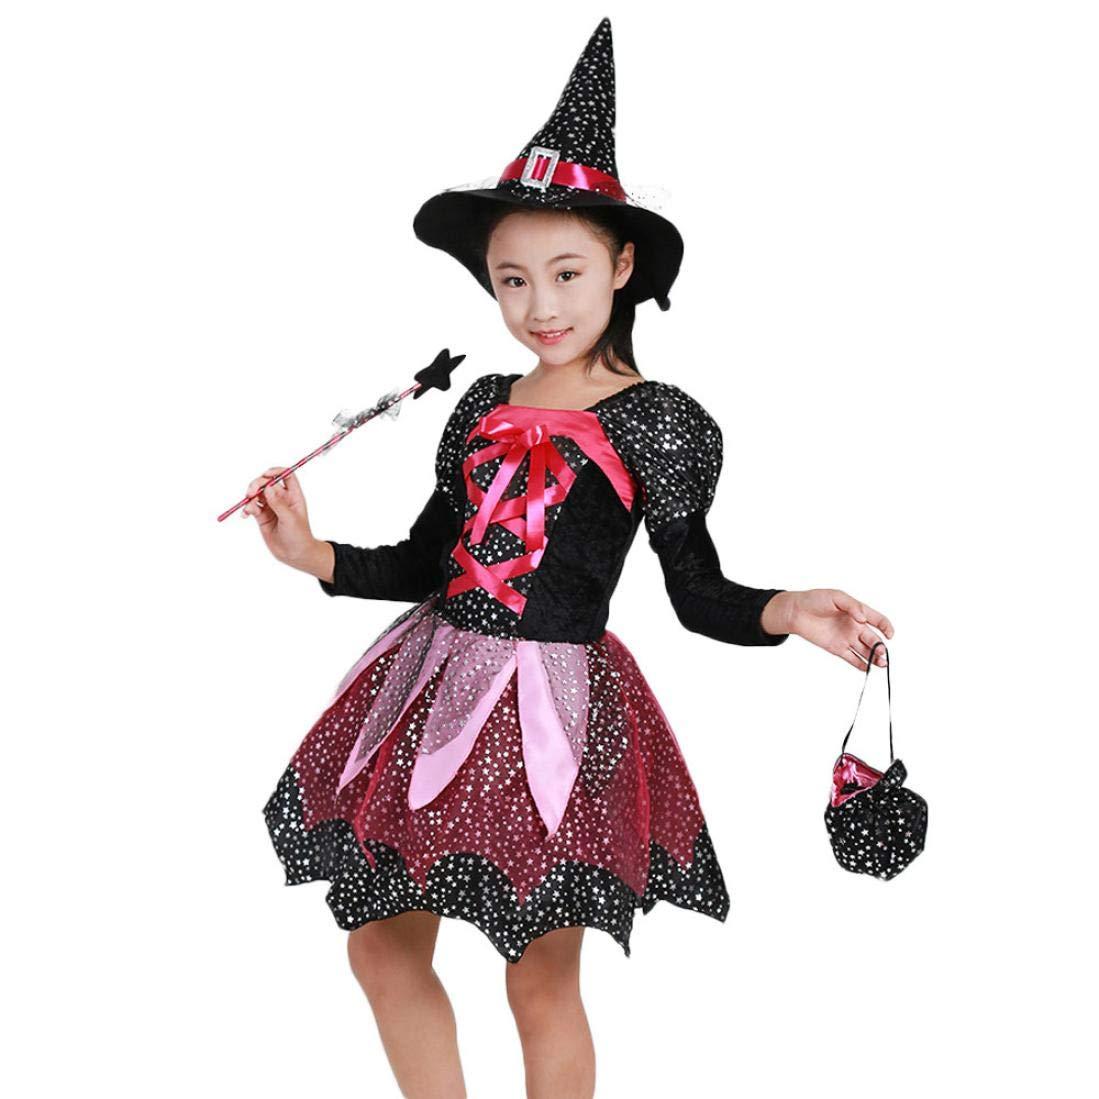 Ode-joy Ragazza Halloween Strega Anime Danza Abbigliamento performante Vestiti del Partito Vestito dal Costume dei Vestiti delle Neonate Capretti Bambini + Cappello, Halloween Lights Pumpkins